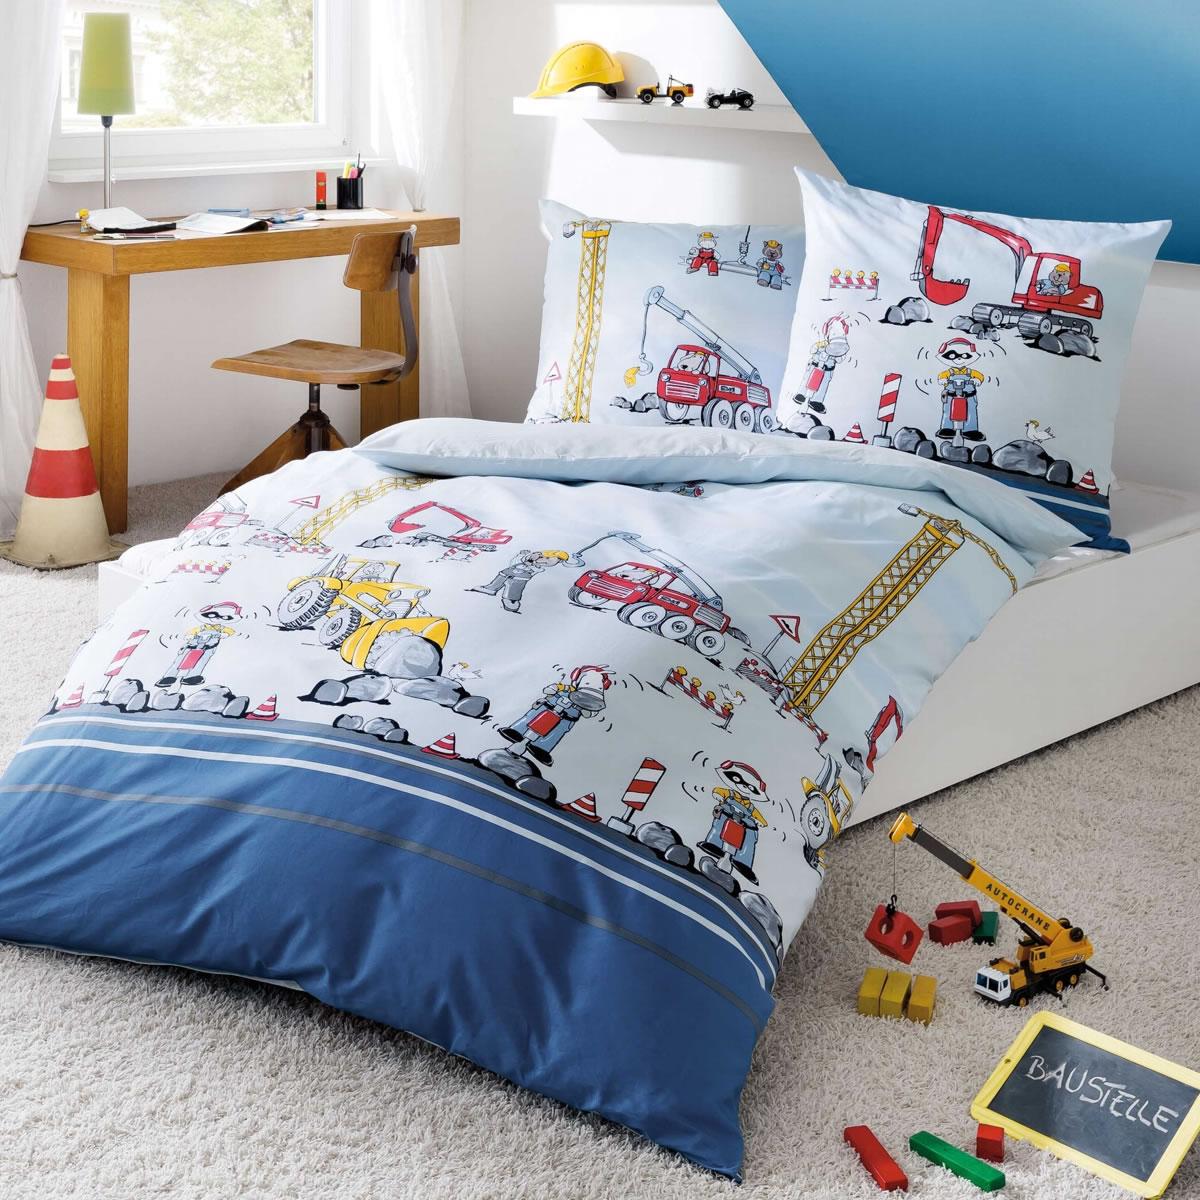 erzstef bettdecken schlafzimmer dachschr ge feng shui wandtattoo f rs baummotive restposten. Black Bedroom Furniture Sets. Home Design Ideas